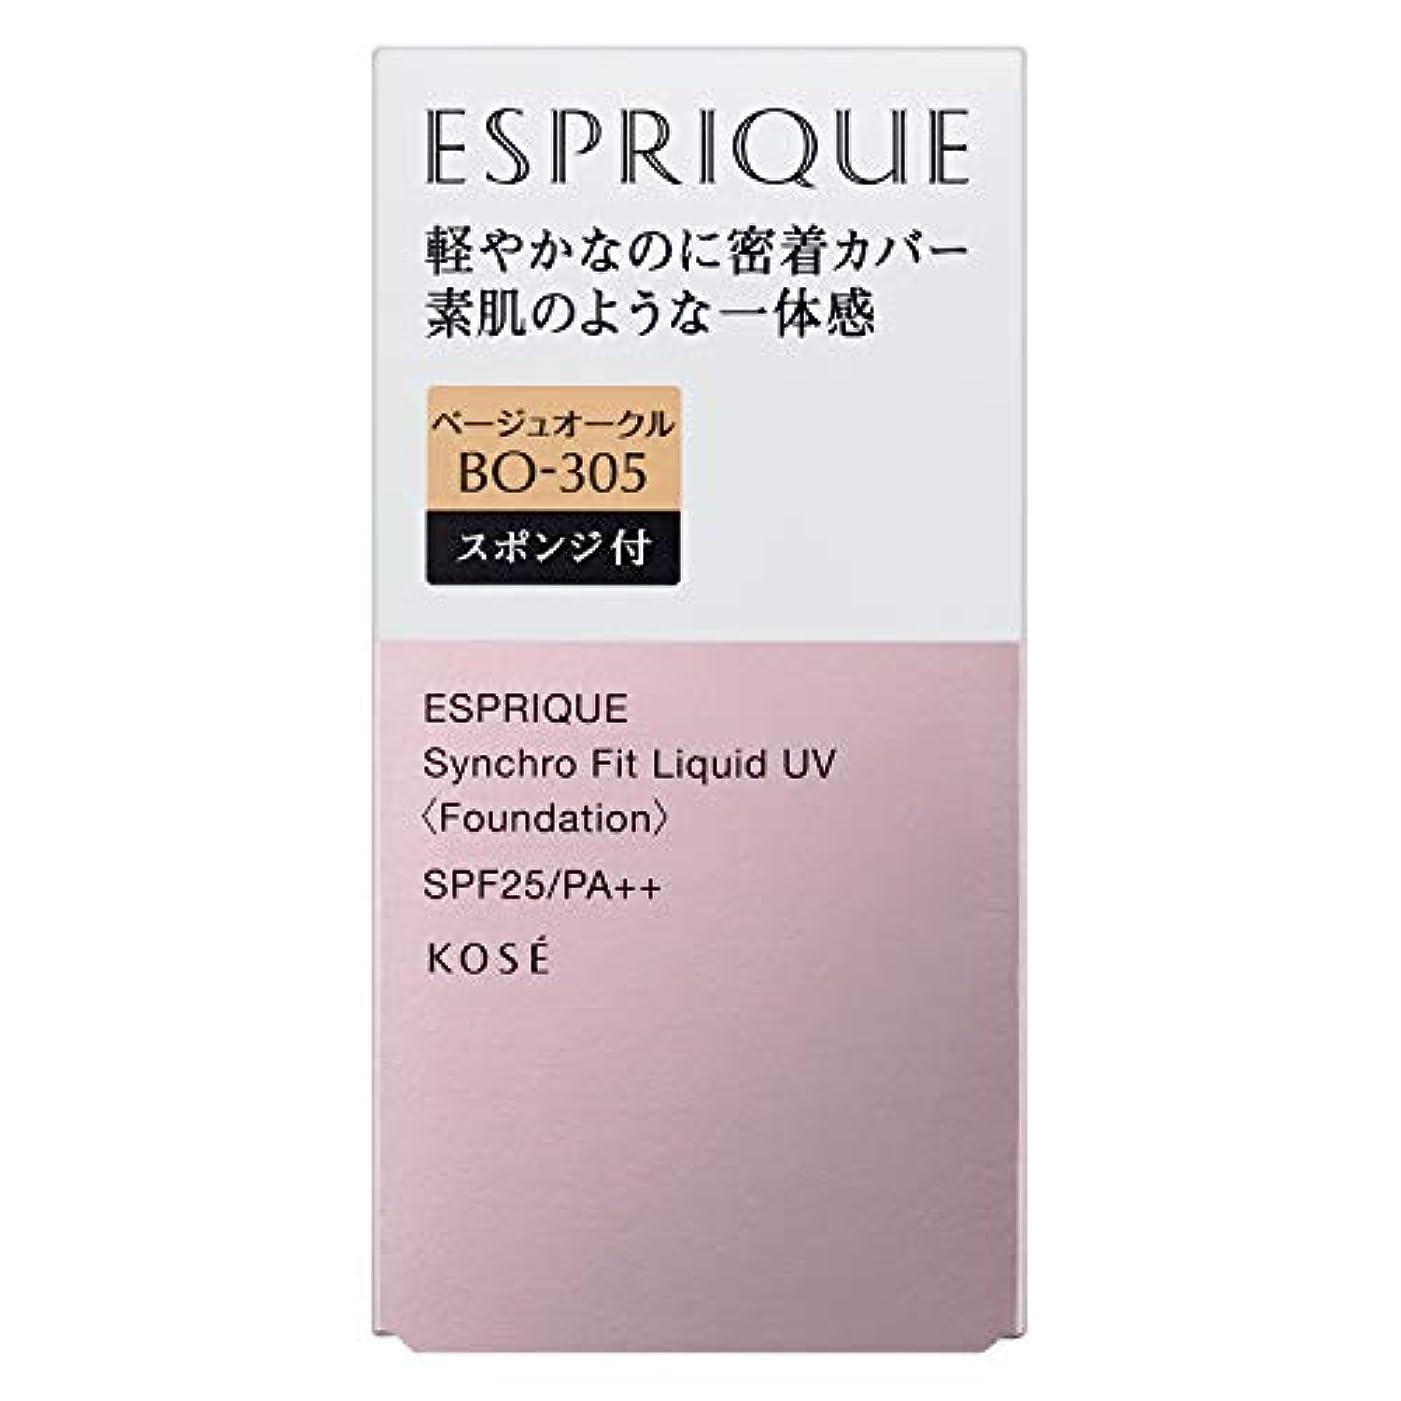 窓消費者ペンダントESPRIQUE(エスプリーク) エスプリーク シンクロフィット リキッド UV ファンデーション 無香料 BO-305 ベージュオークル 30g